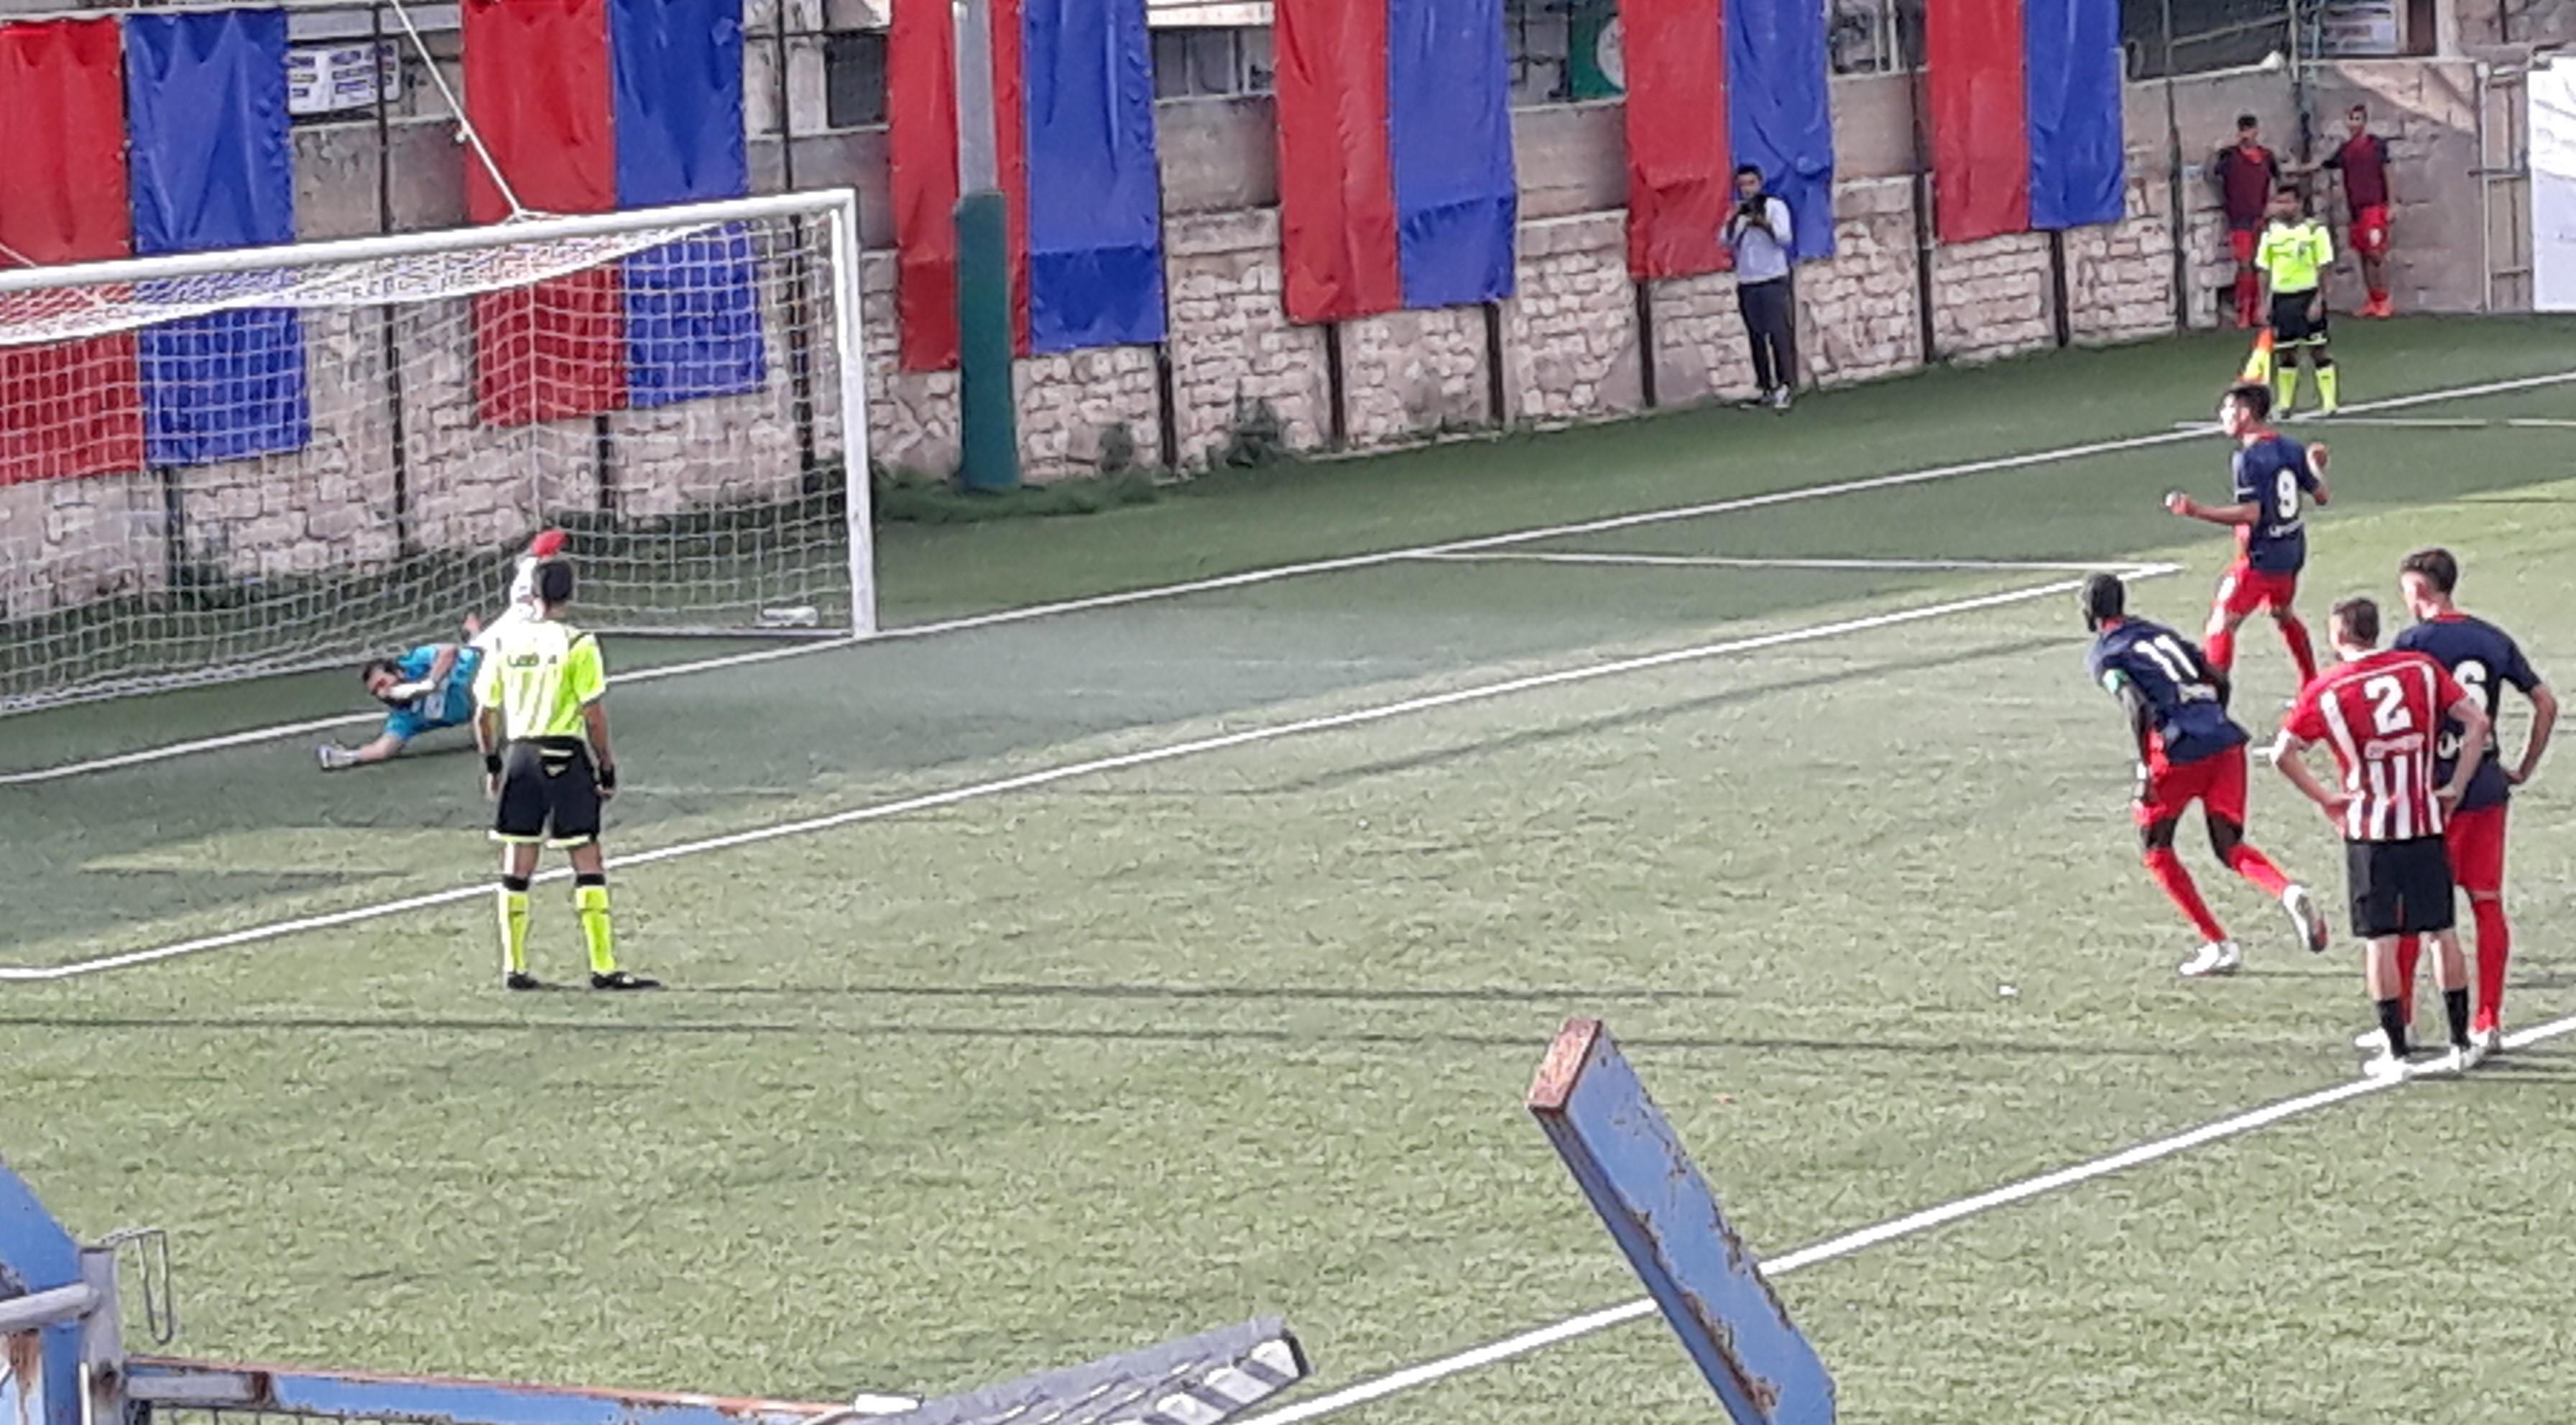 """Calcio, in Promozione il Modica """"affonda"""" il Priolo Gargallo: finisce 5 a 0 con tripletta di Drago. Frigintini raggiunto ad Avola al 91'"""